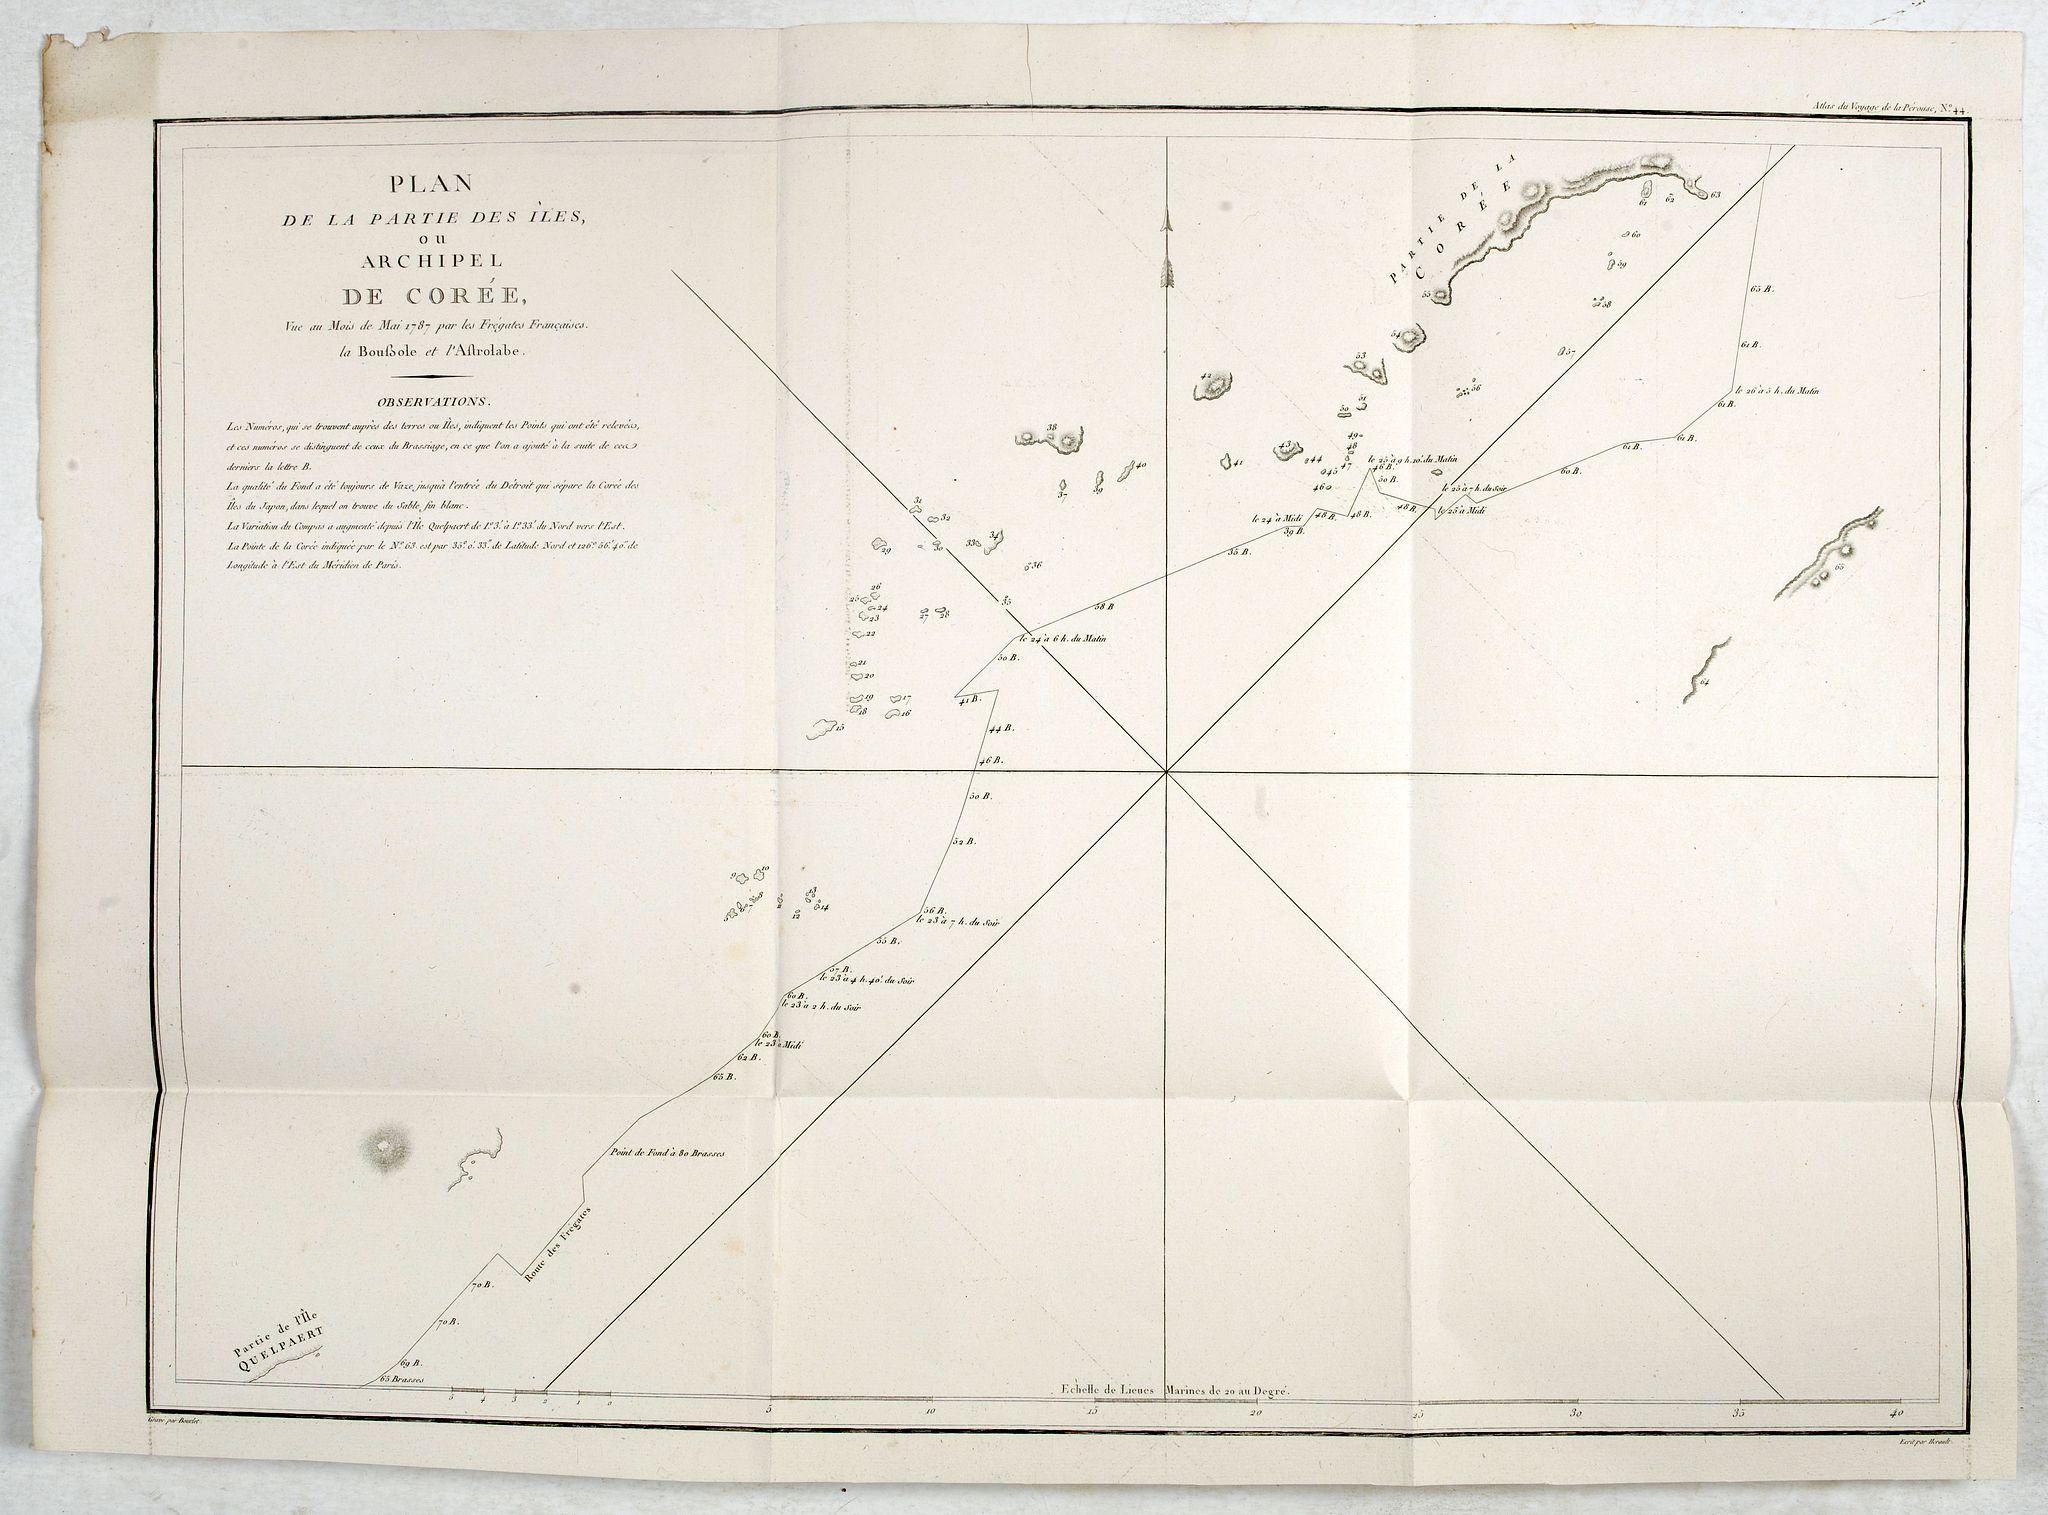 LA PEROUSE, J.F.G. -  Plan de la partie des iles, ou archipel de Coree, vue au mois de Mai 1787 par les Fregates Francaises la Boussole et l'Astrolabe. . . .